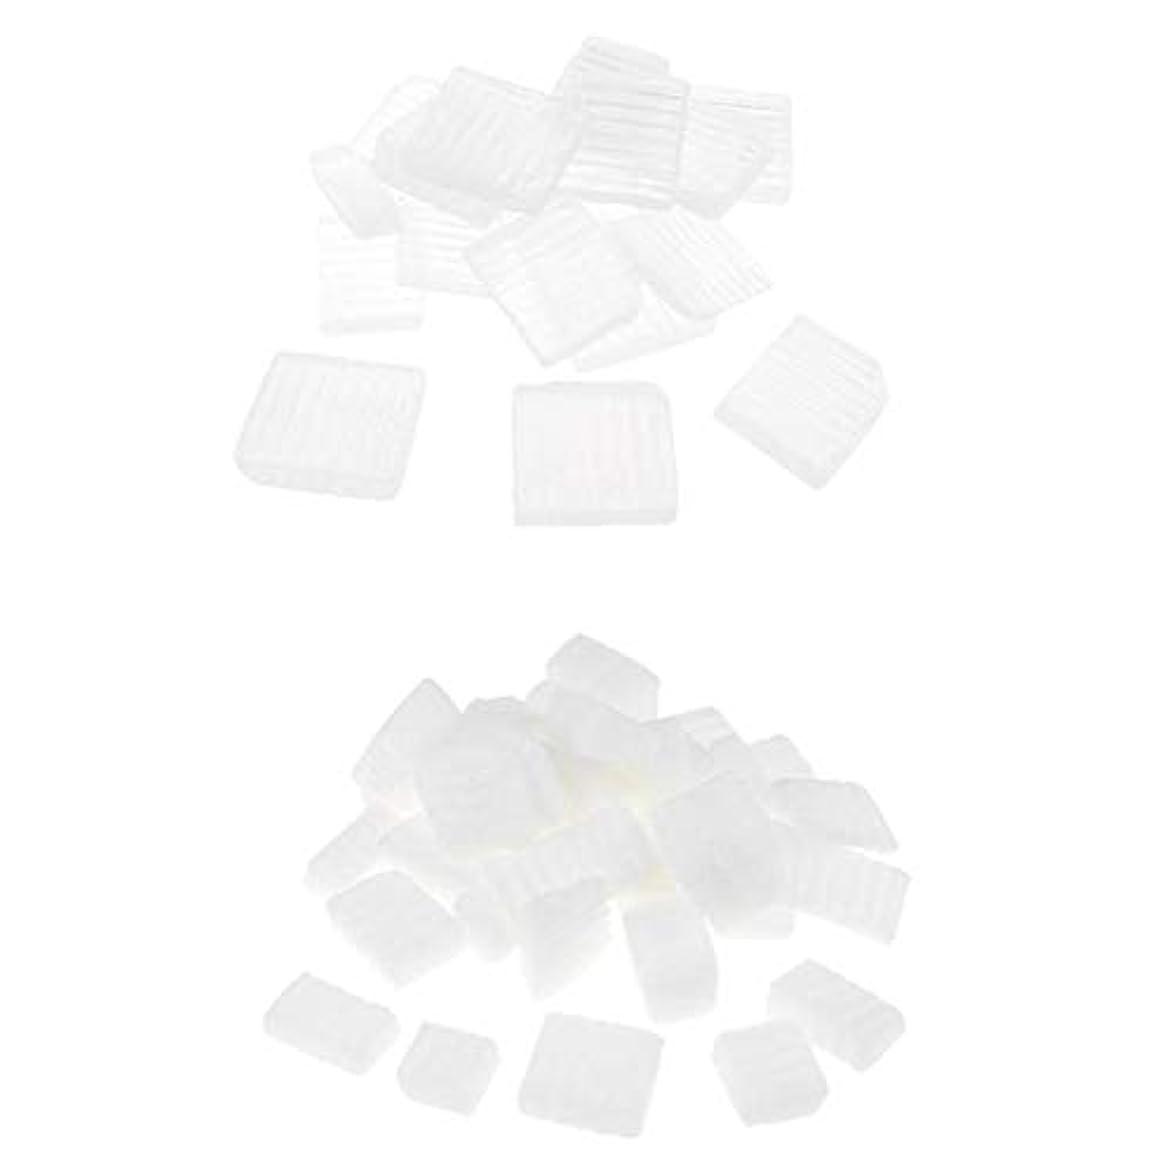 北米恵み富Baoblaze 固形せっけん 2KG 2種 ホワイト 透明 DIYハンドメイド ソープ原料 石鹸製造 古典的